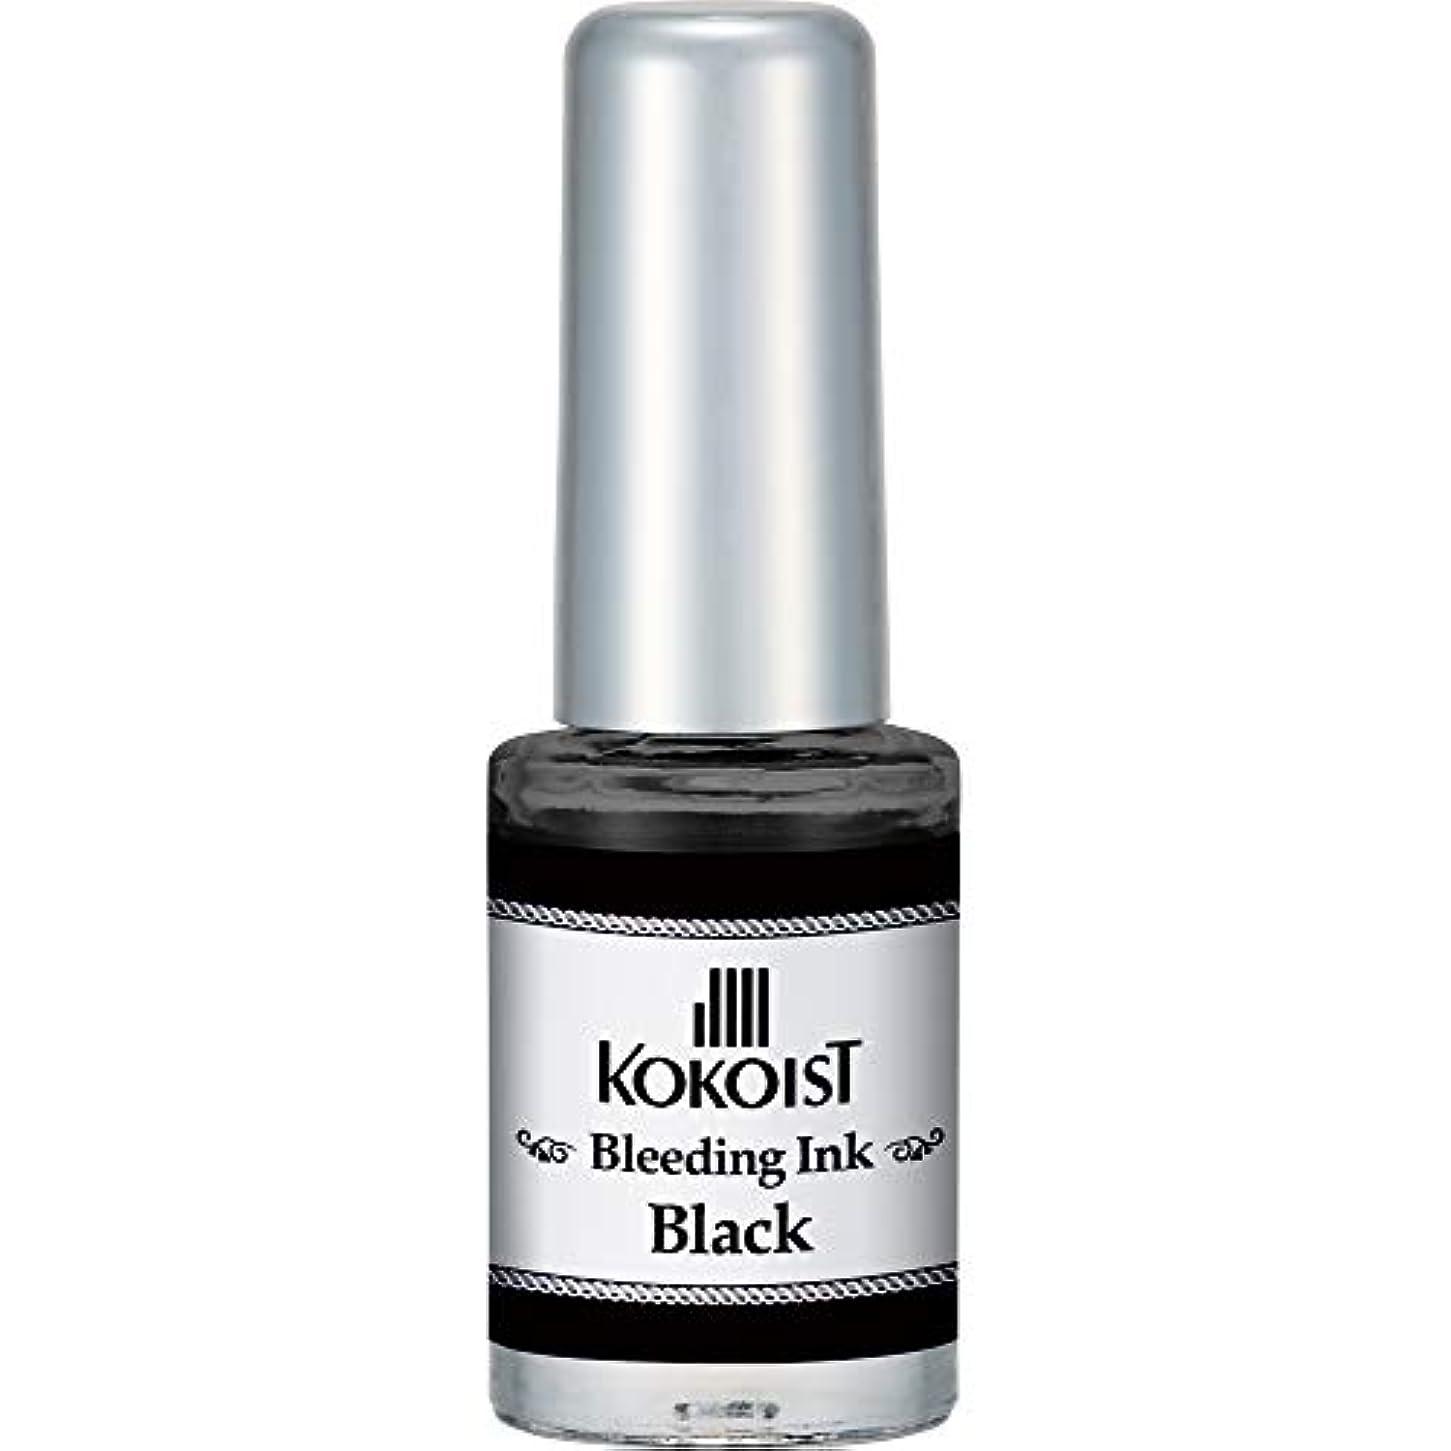 アレルギー性里親属性KOKOIST ブリーディングインク ブラック BI-08